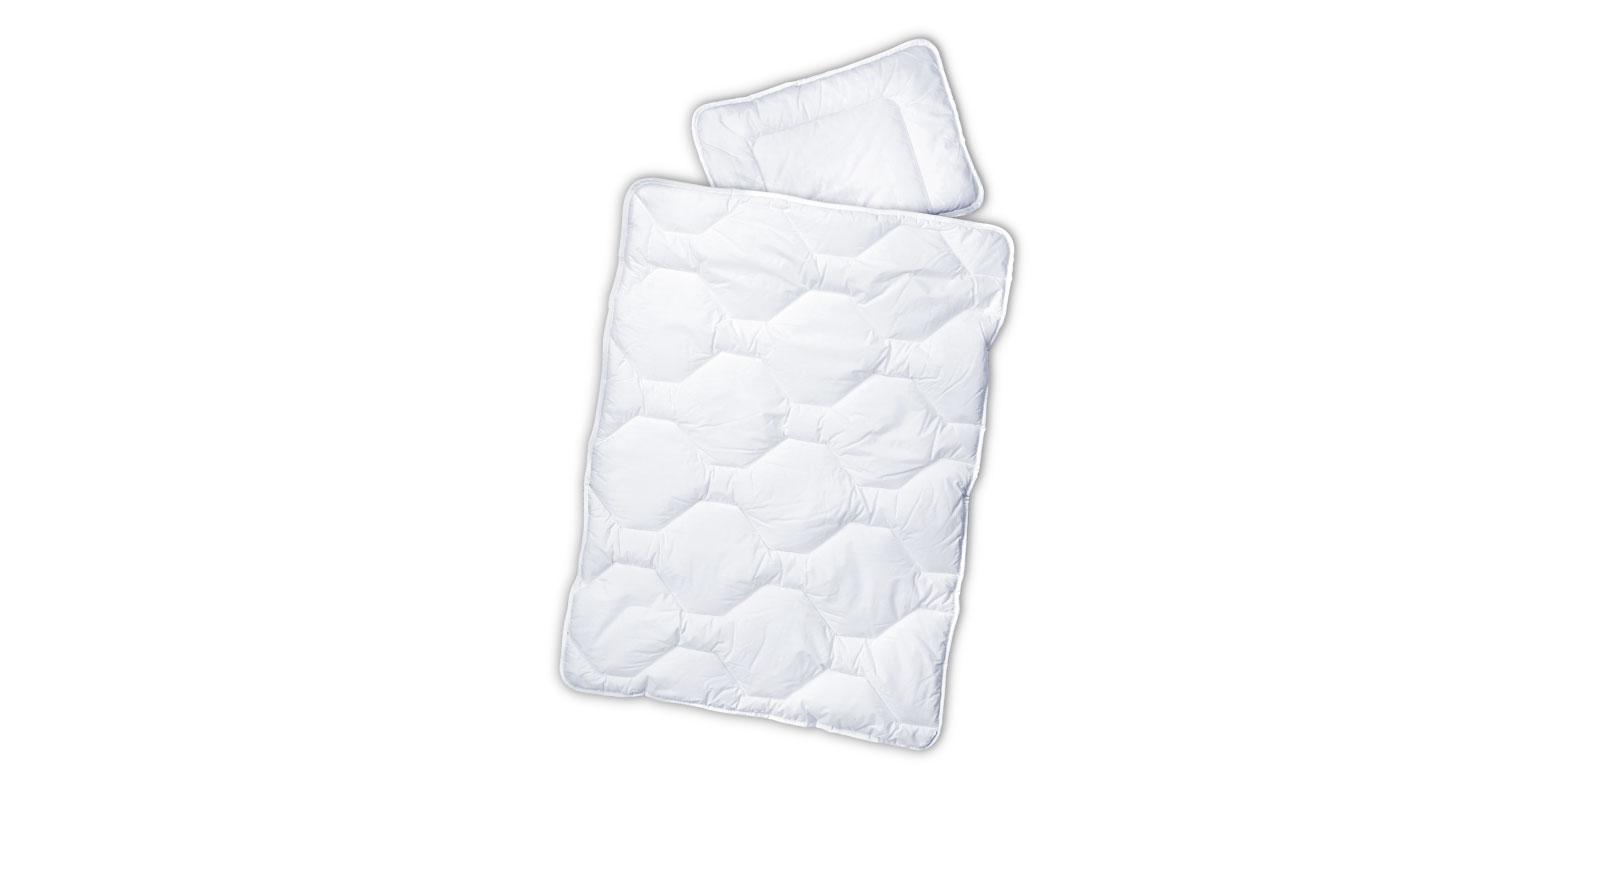 Hautvertägliche Kinder-Bettdecke und Kissen mit atmungsaktivem Bezug